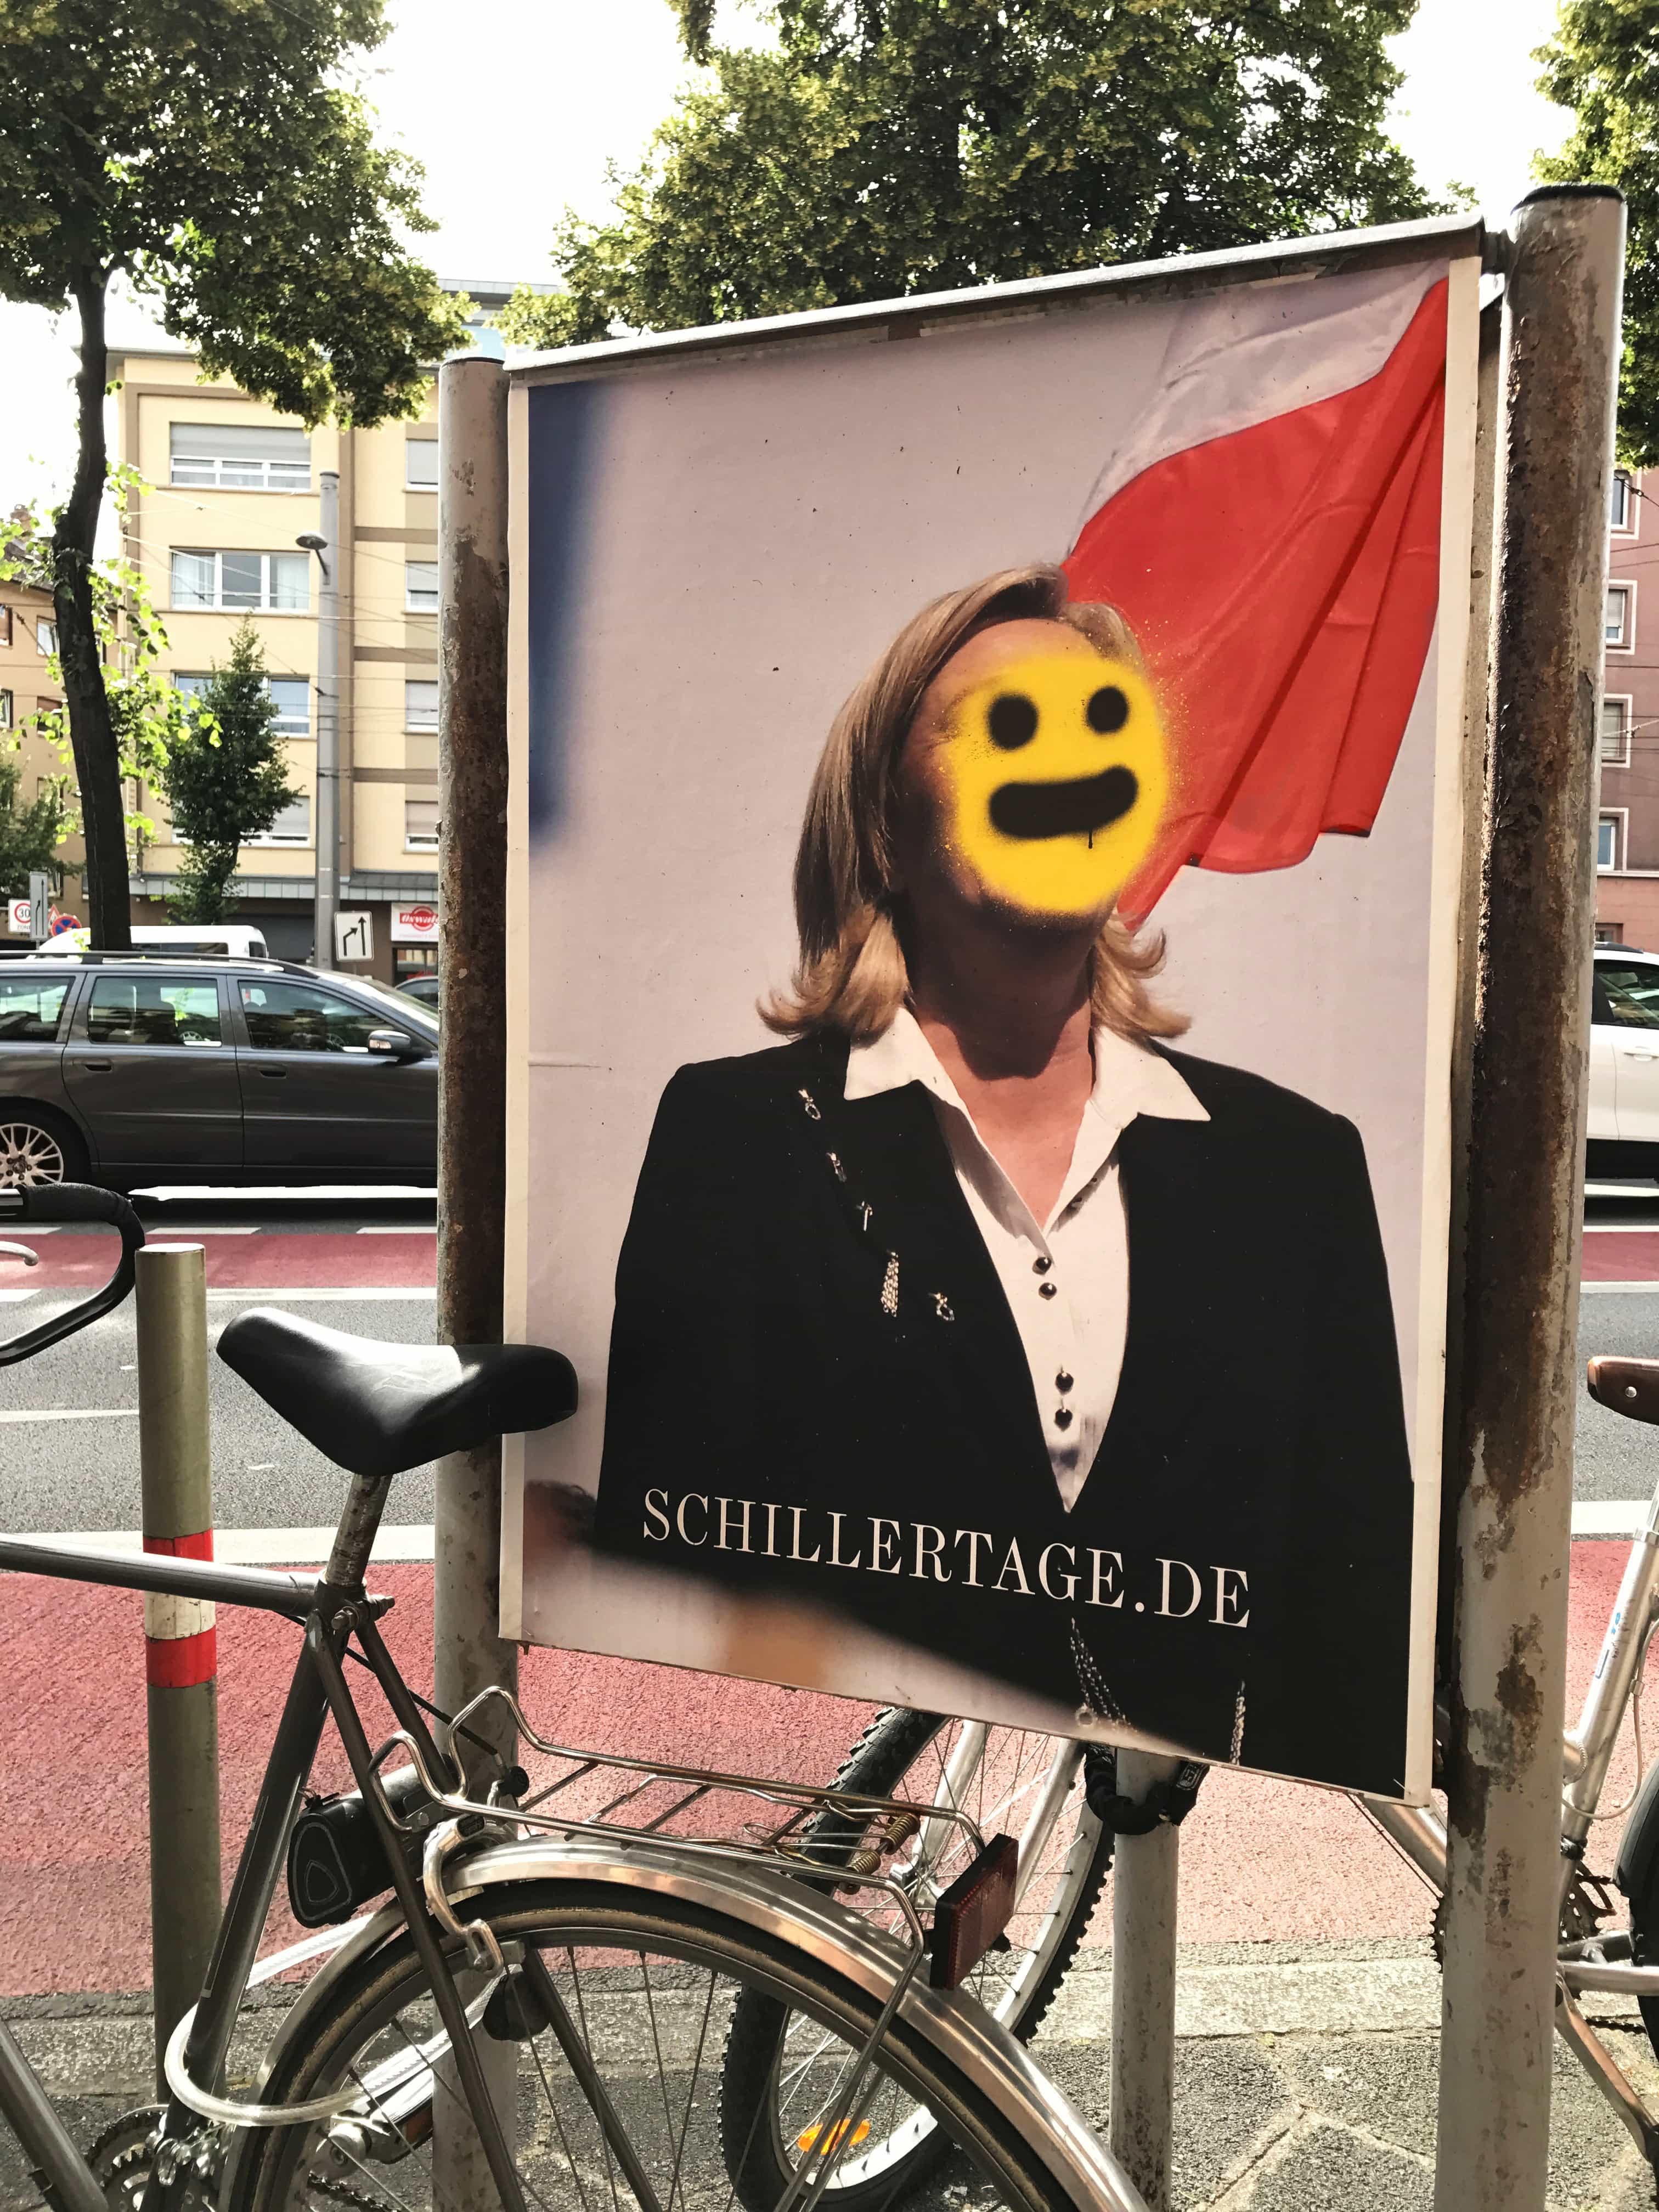 Bureau Johannes Erler – 19. Internationalen Schillertage